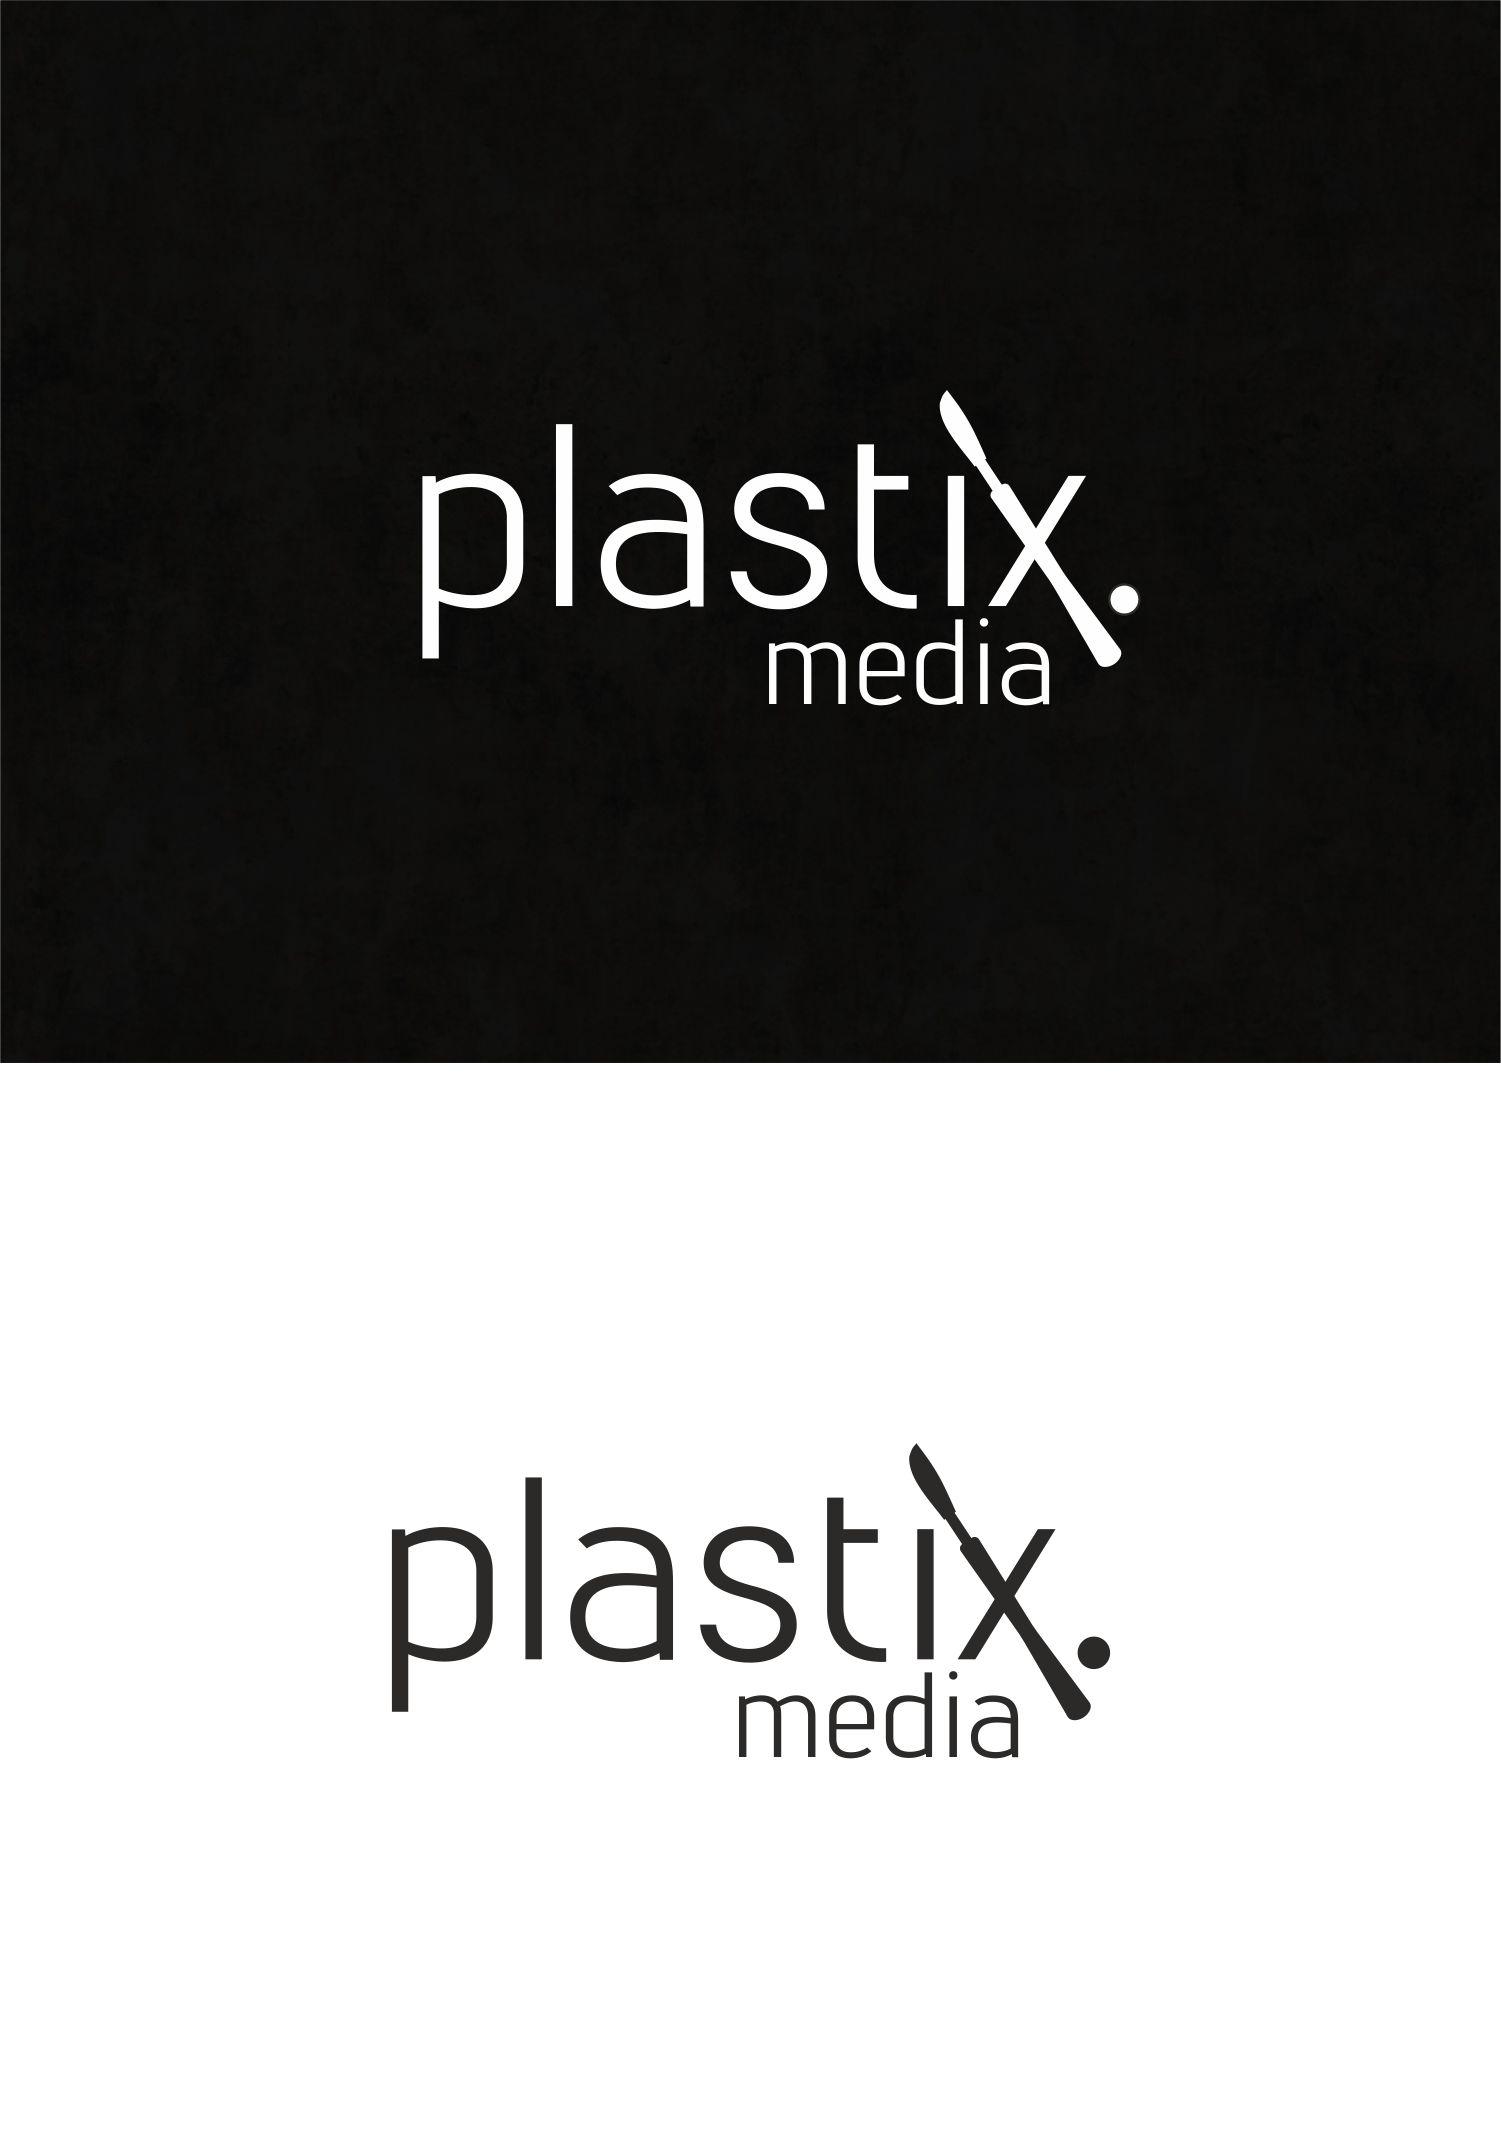 Разработка пакета айдентики Plastix.Media фото f_766598ae80aed61c.jpg